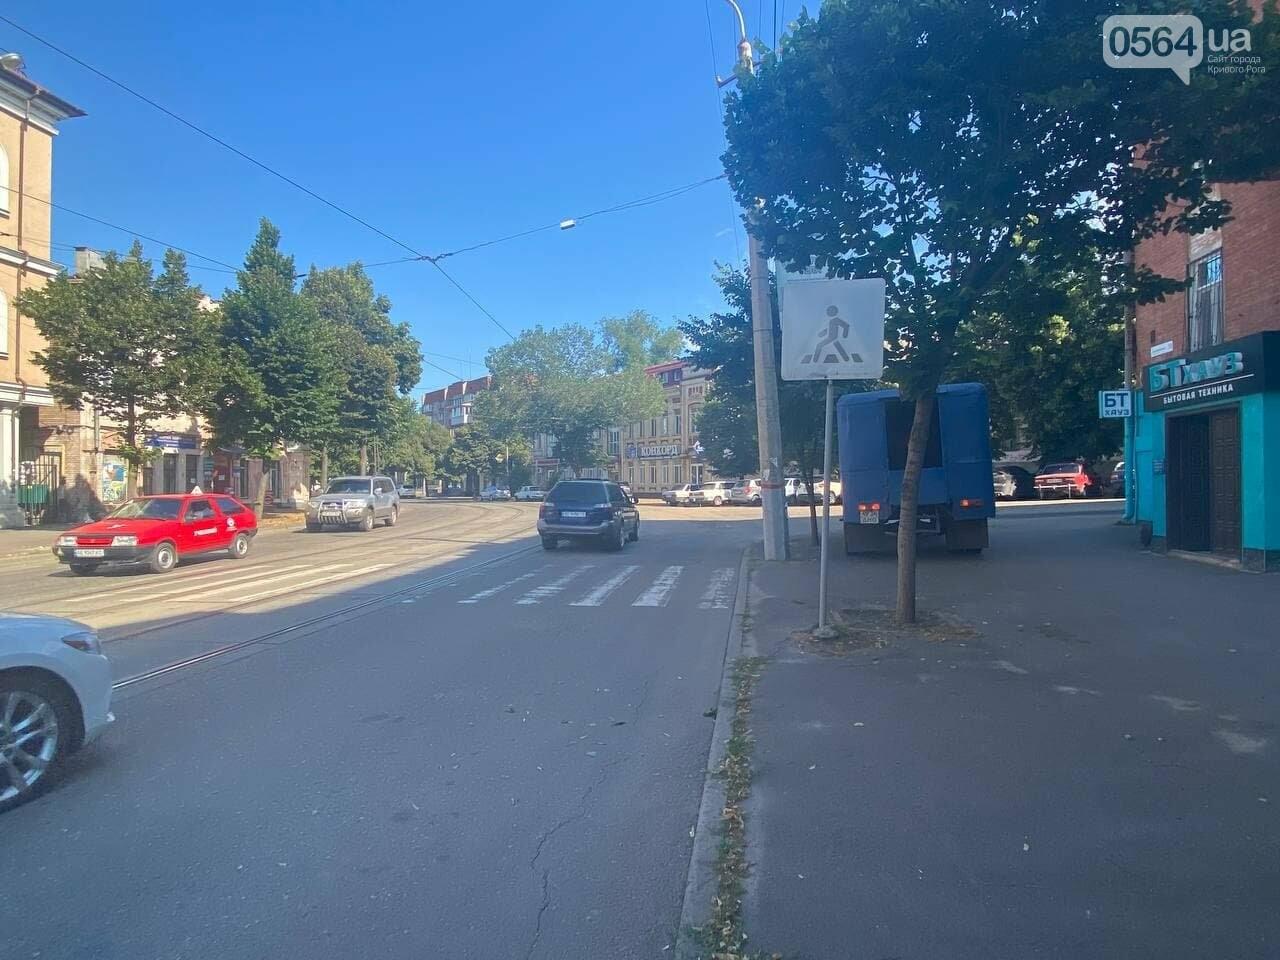 В Кривом Роге обновляют пешеходный переход, - ФОТО , фото-11